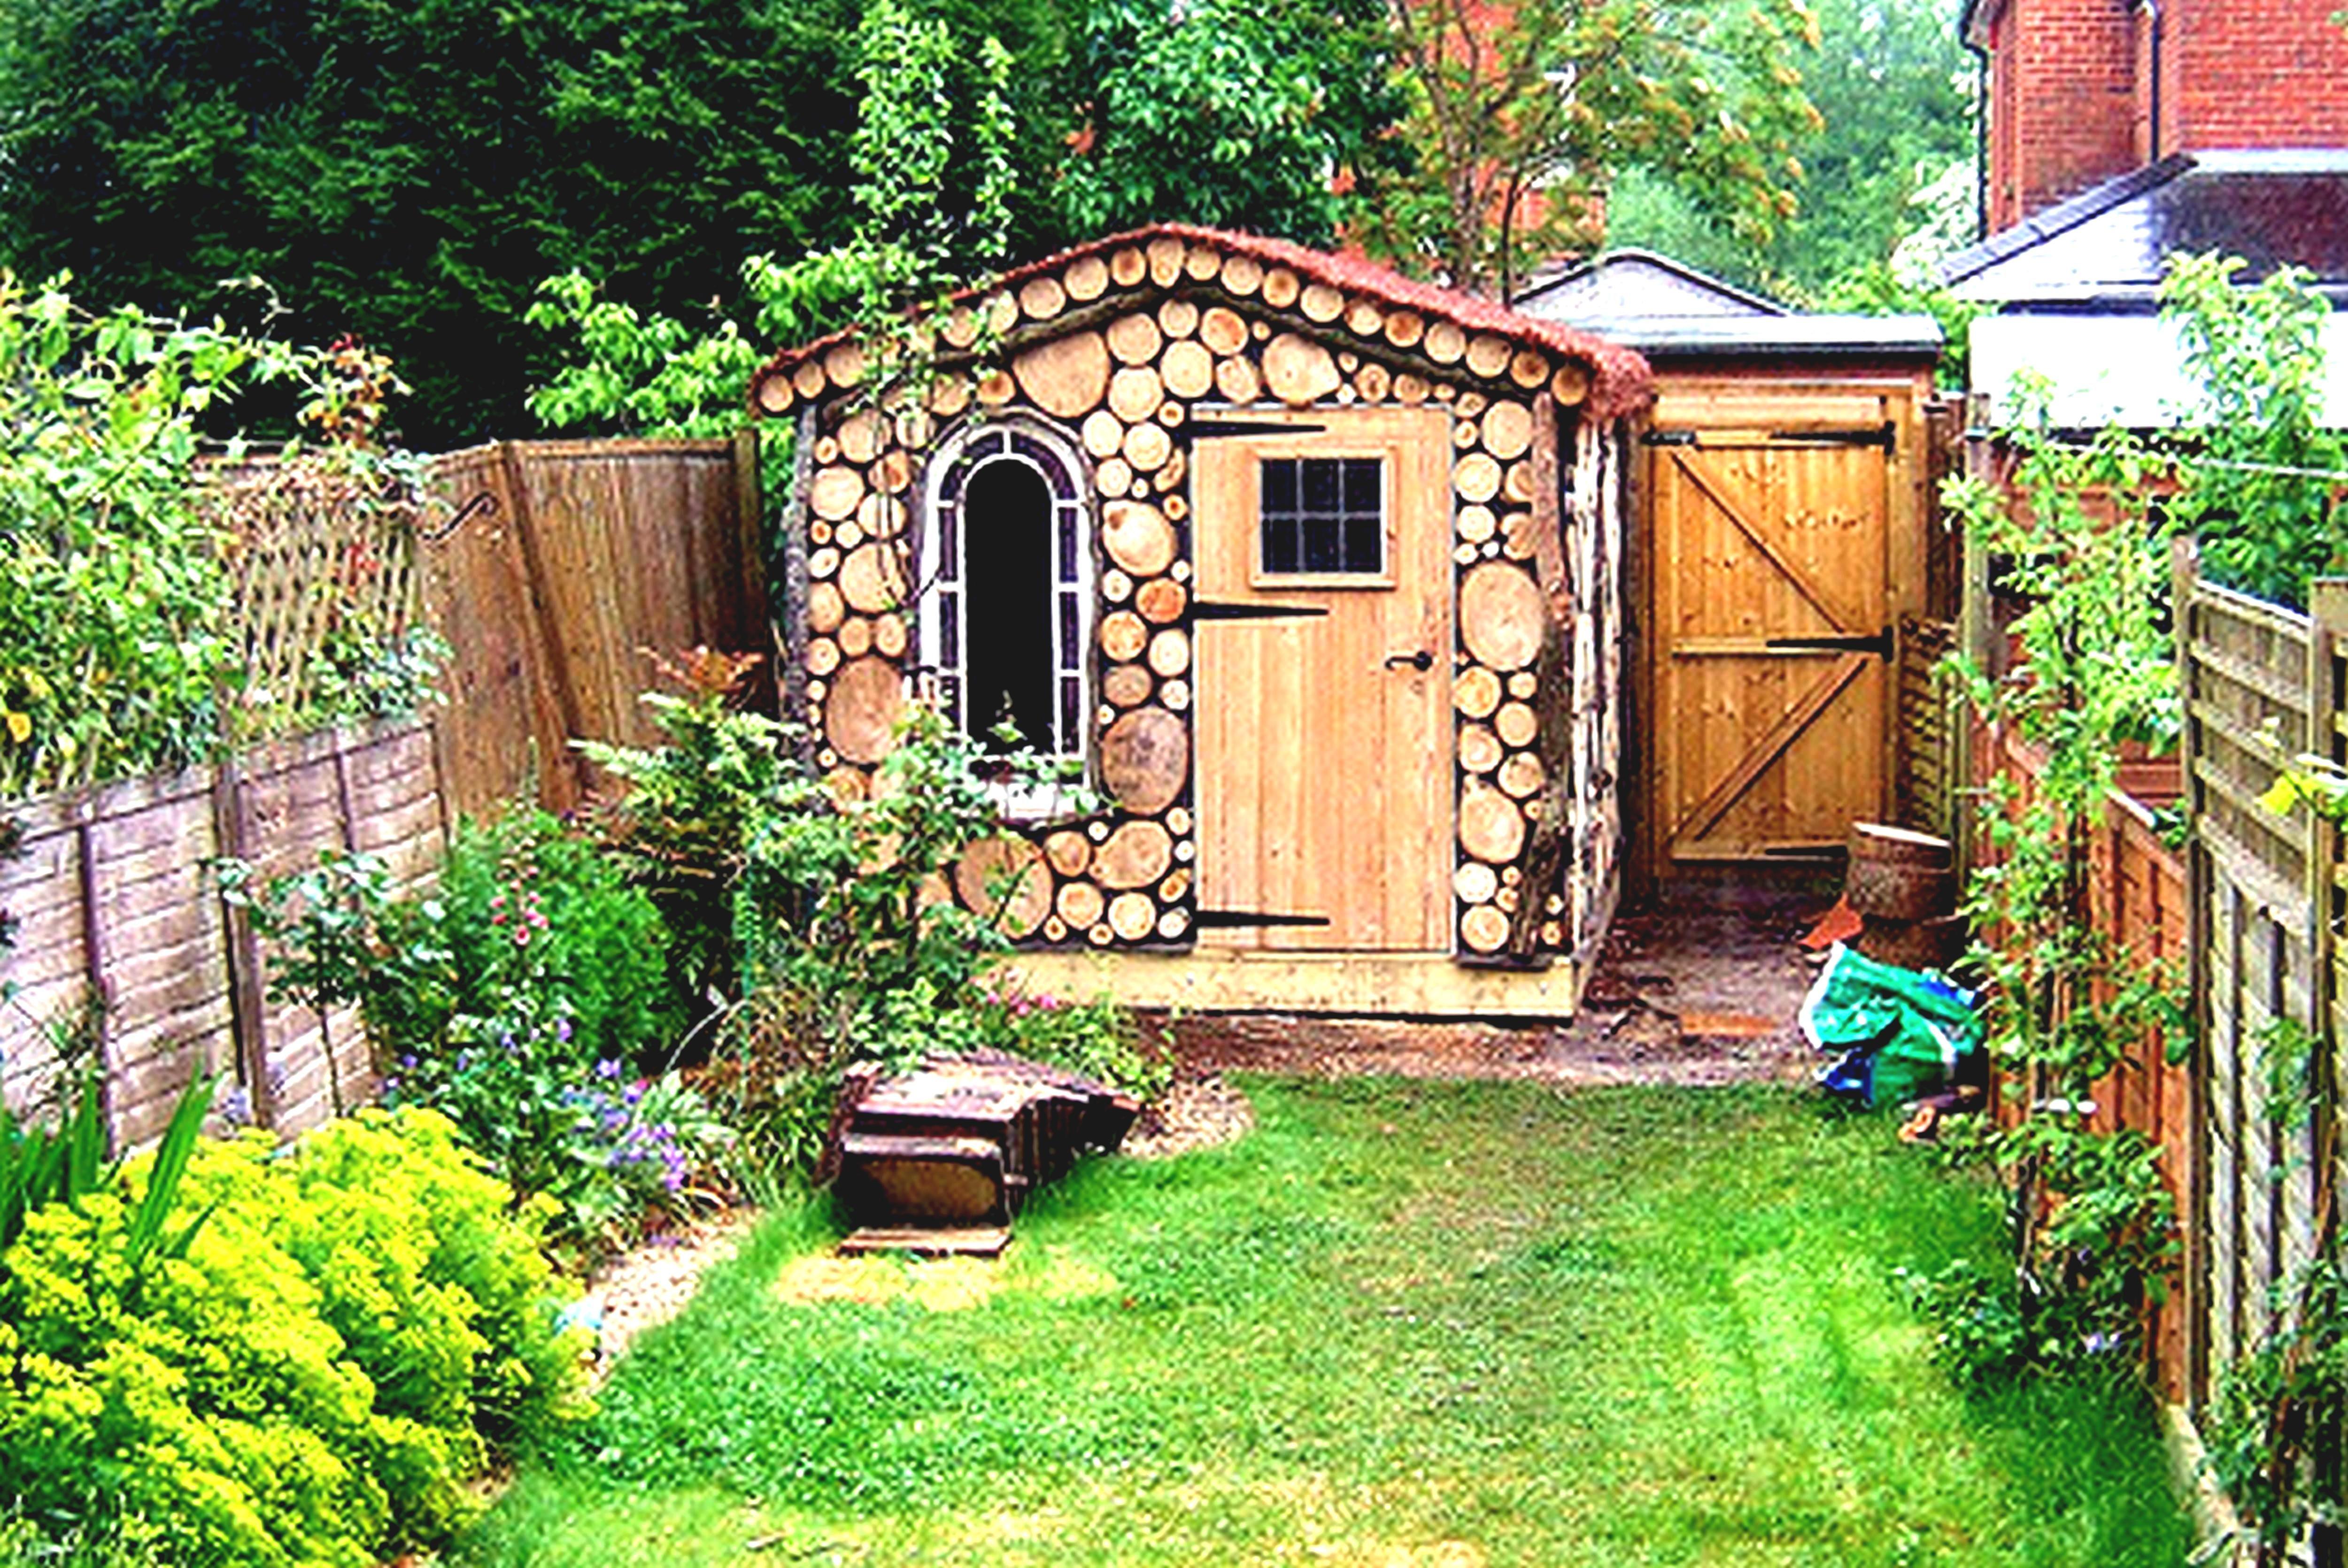 Landschaftsbau Ideen Für Große Yards Auf Einem Budget, Hinterhof, Klein,  Billig #Gartendeko